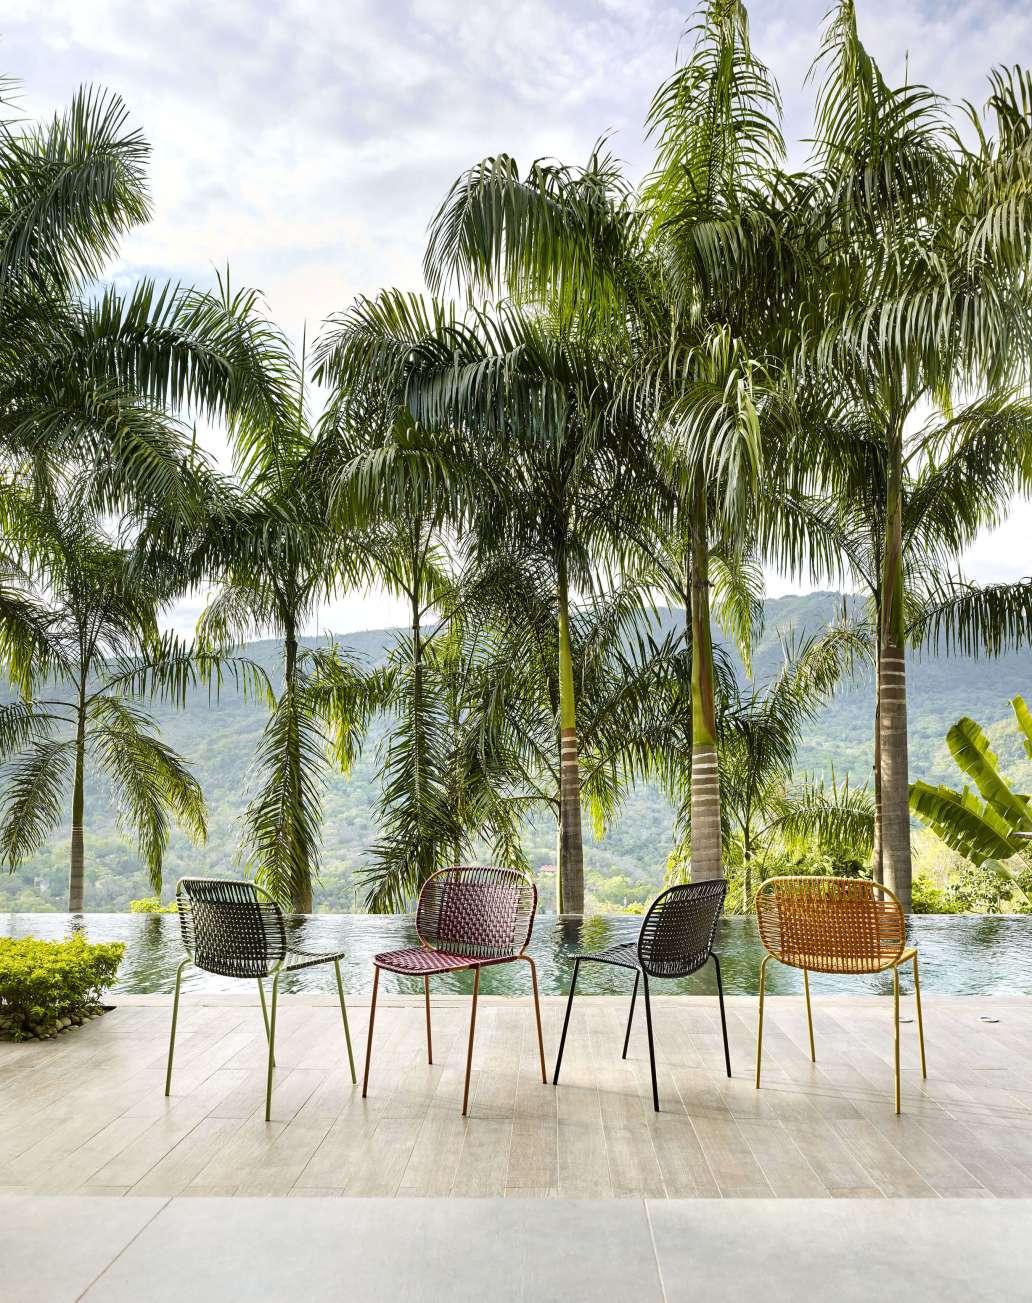 chaise empilable cielo miel structure menthe madeindesign 317569 original 1622x2048 - L'éco-design : le nouveau visage du design